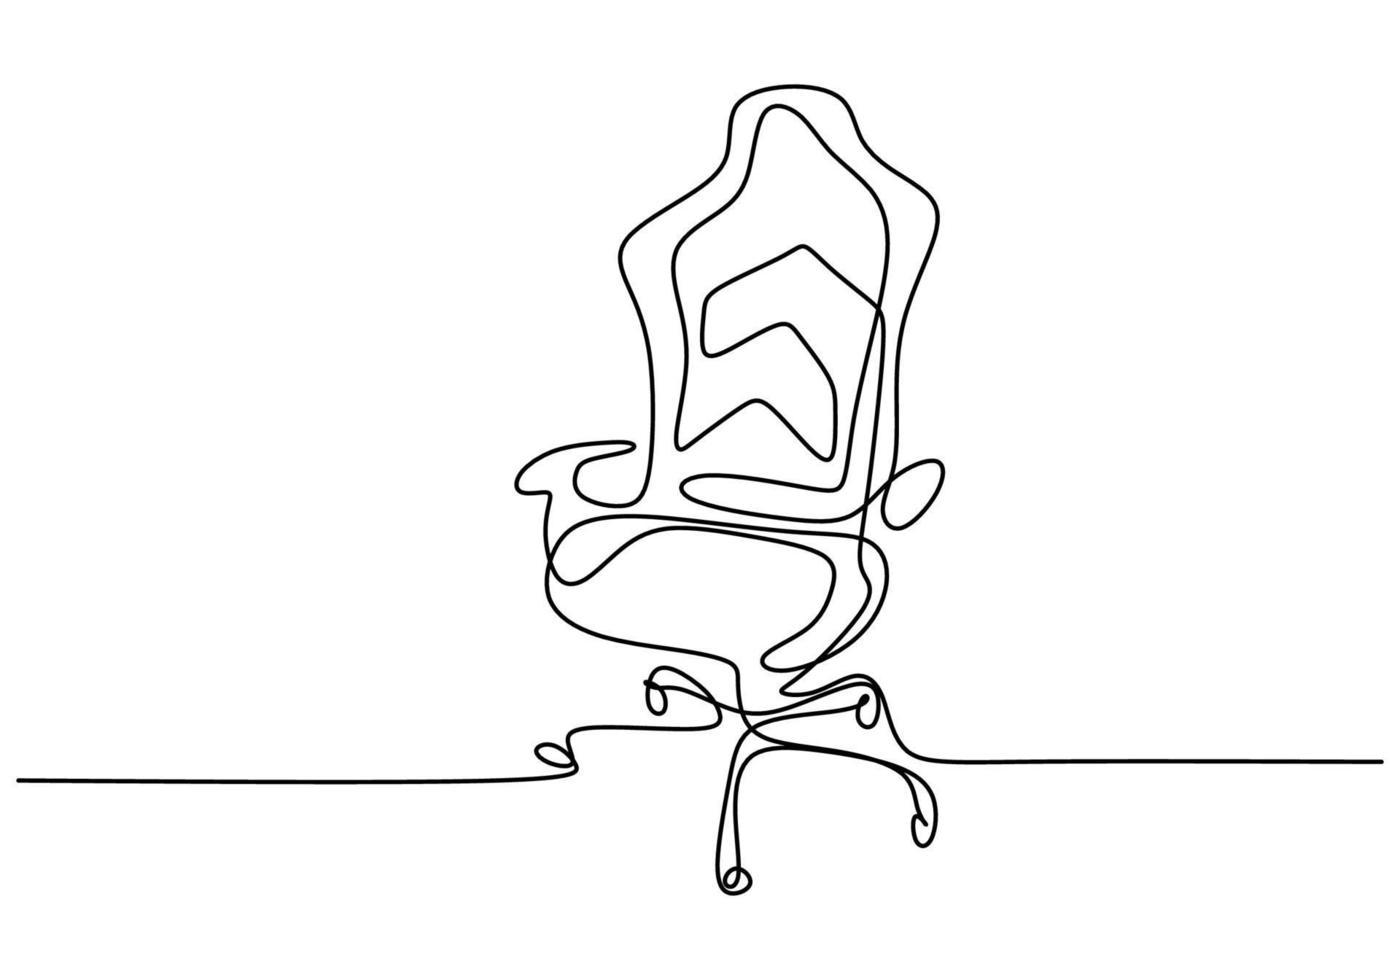 cadeira de escritório de desenho de linha contínua. cadeira de trabalho moderna isolada no fundo branco. cadeira de escritório confortável para design minimalista de trabalho. conceito de interior de escritório elegante. ilustração vetorial vetor